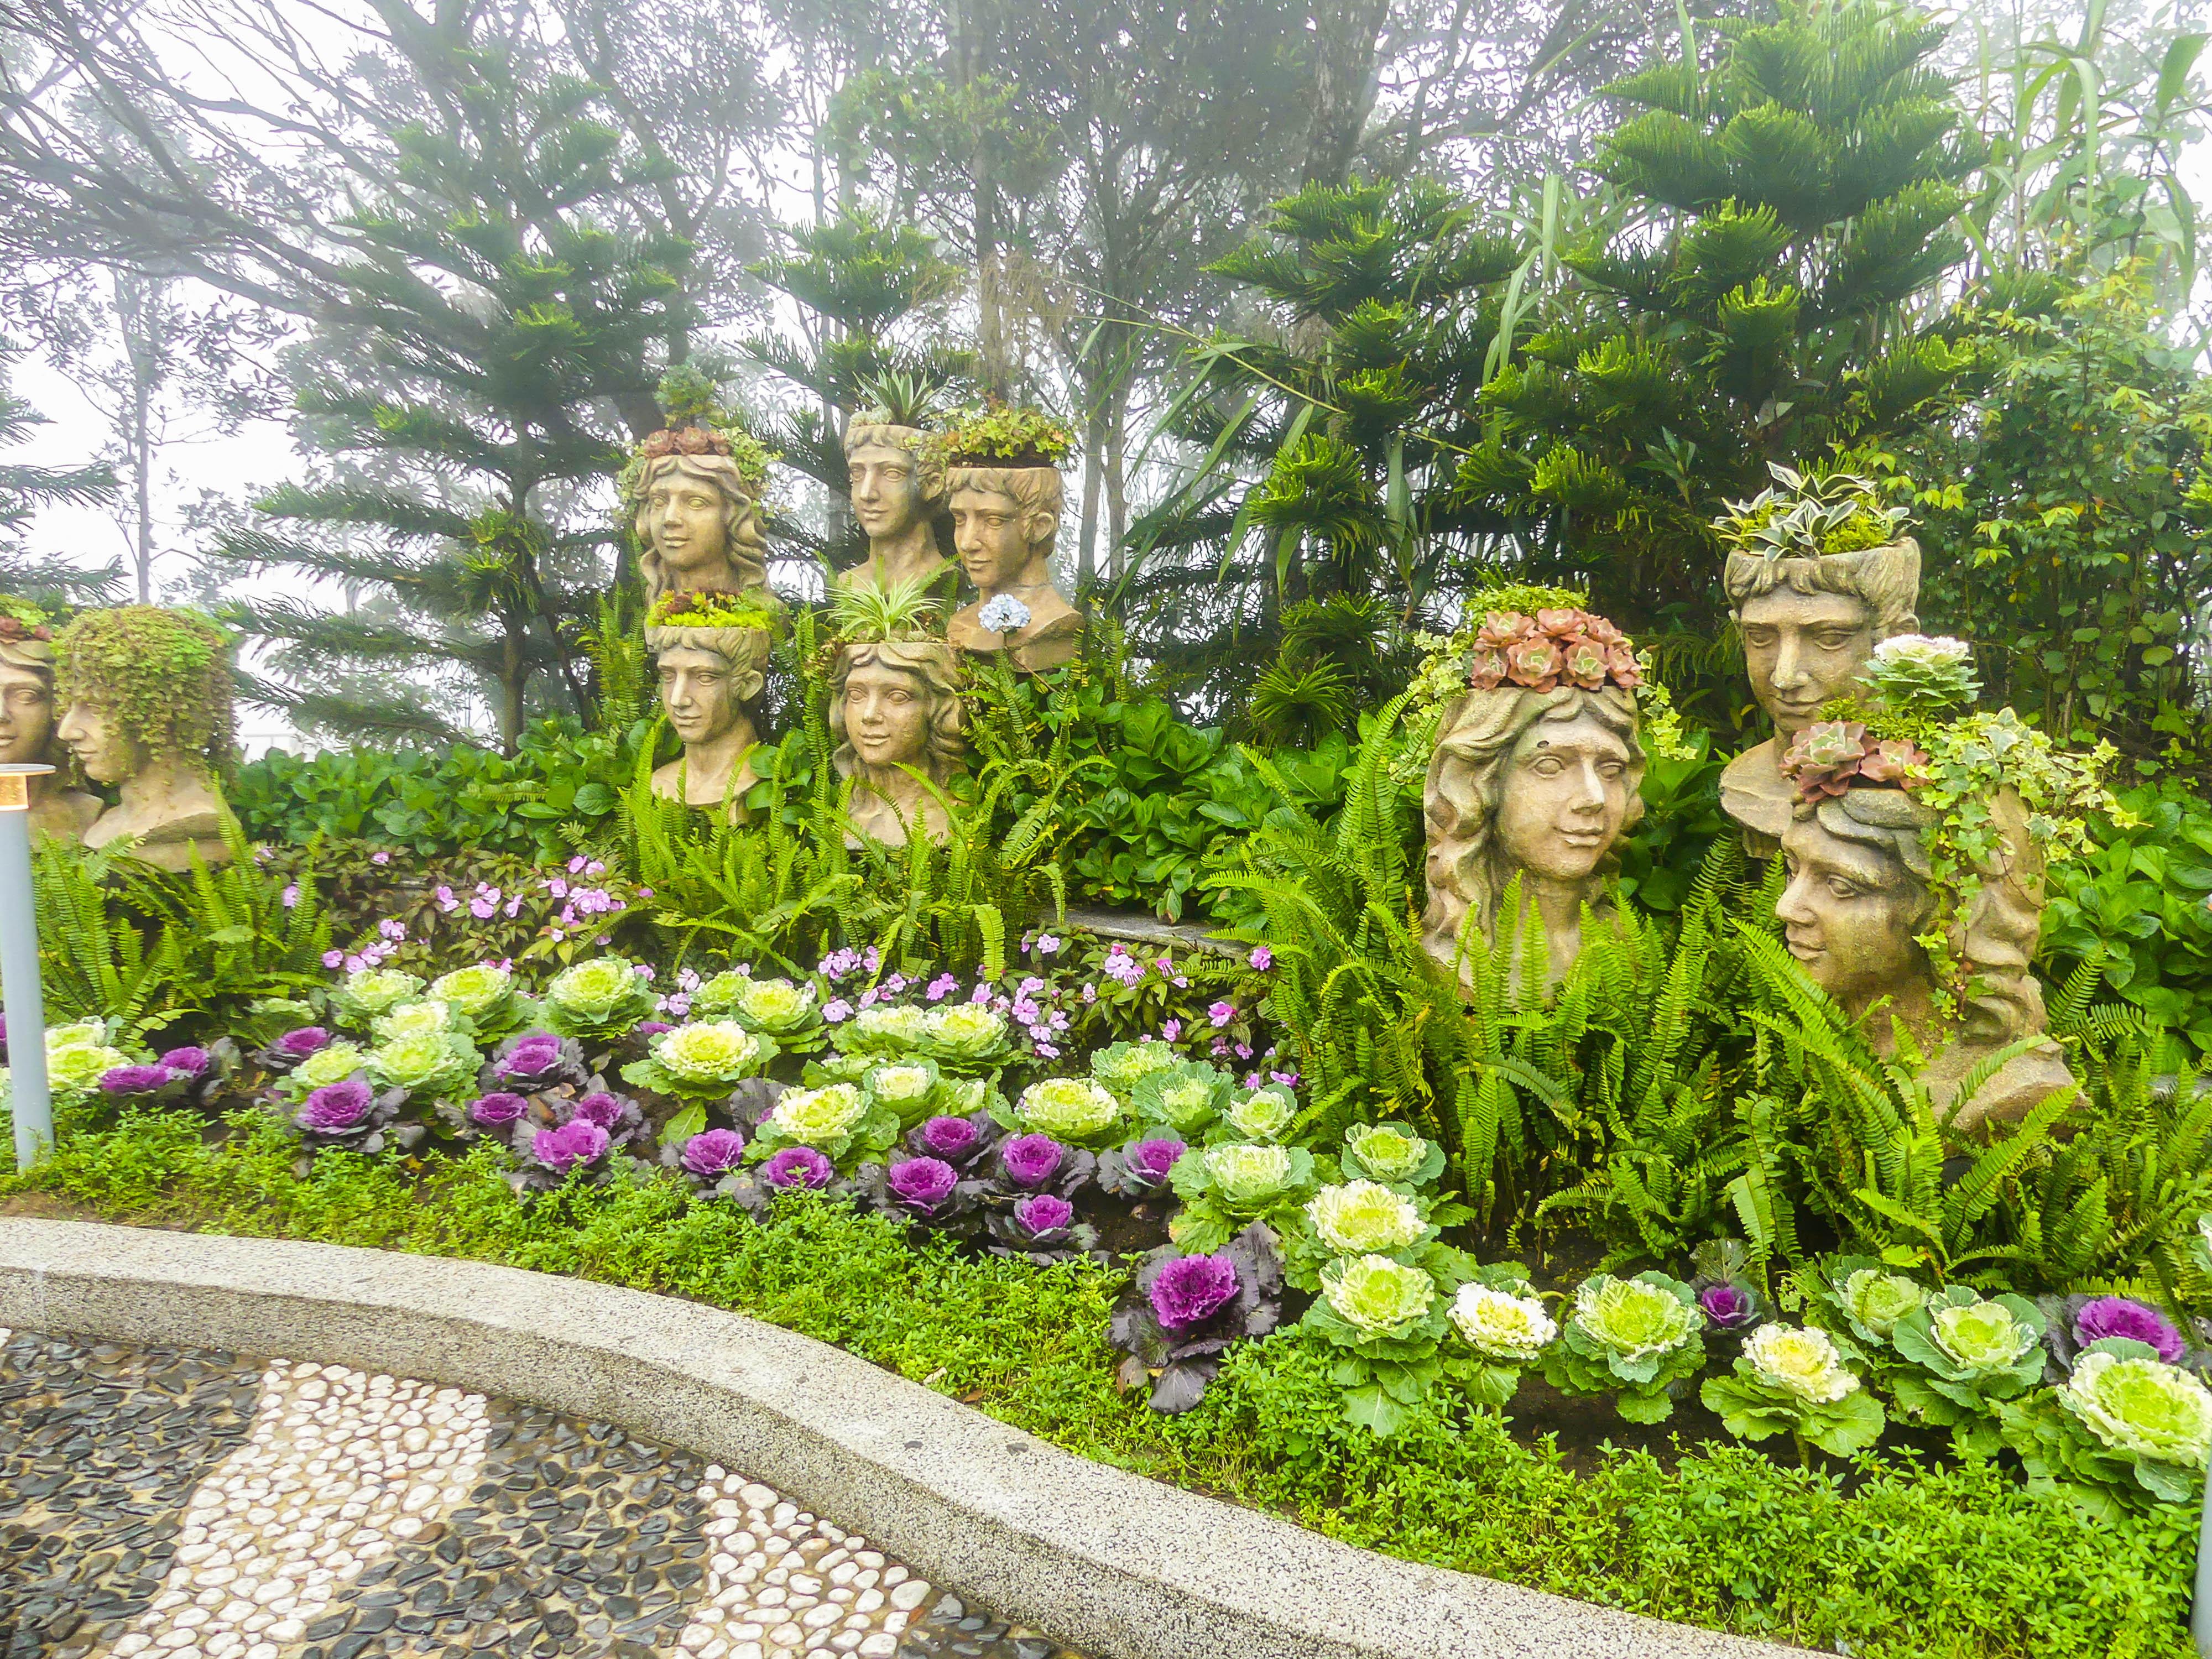 Blumen und Statuen